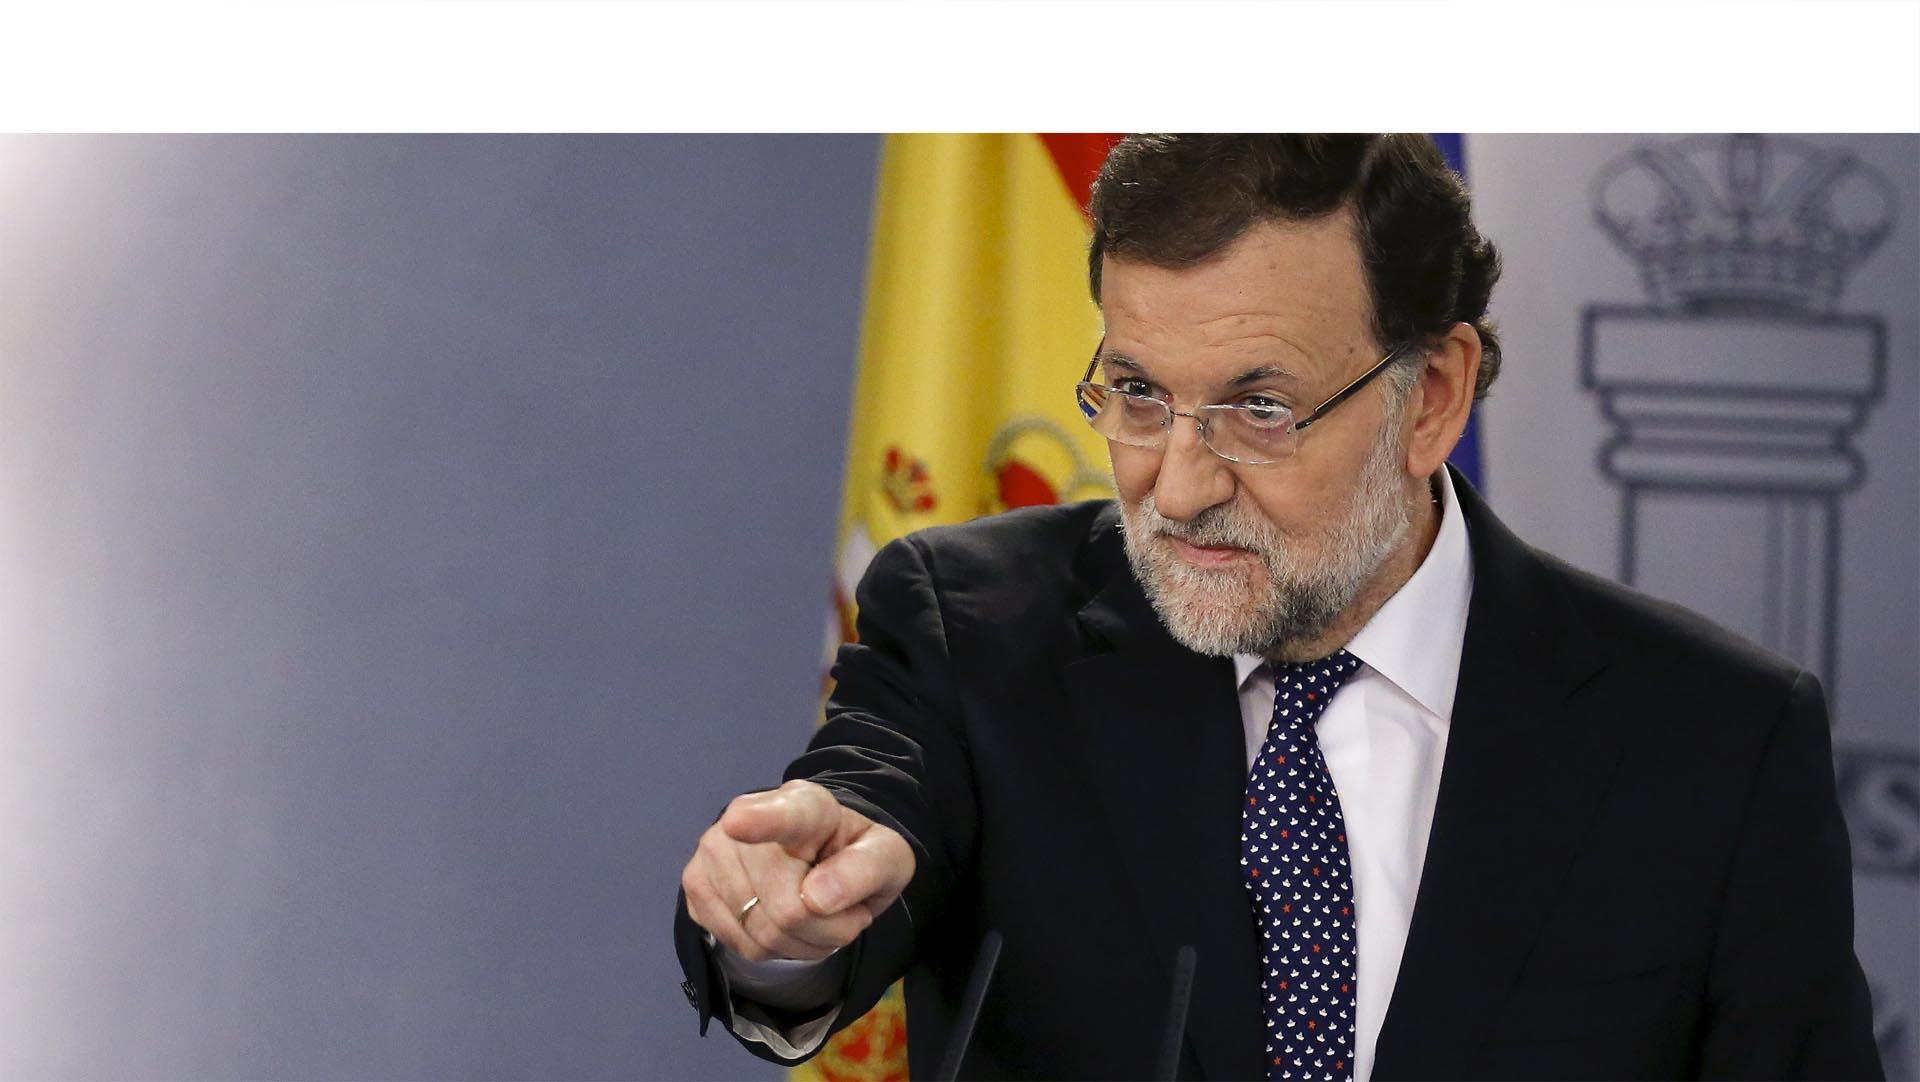 Mariano Rajoy aseguró frenar la amenaza, pero no dio detalles de sus próximas acciones